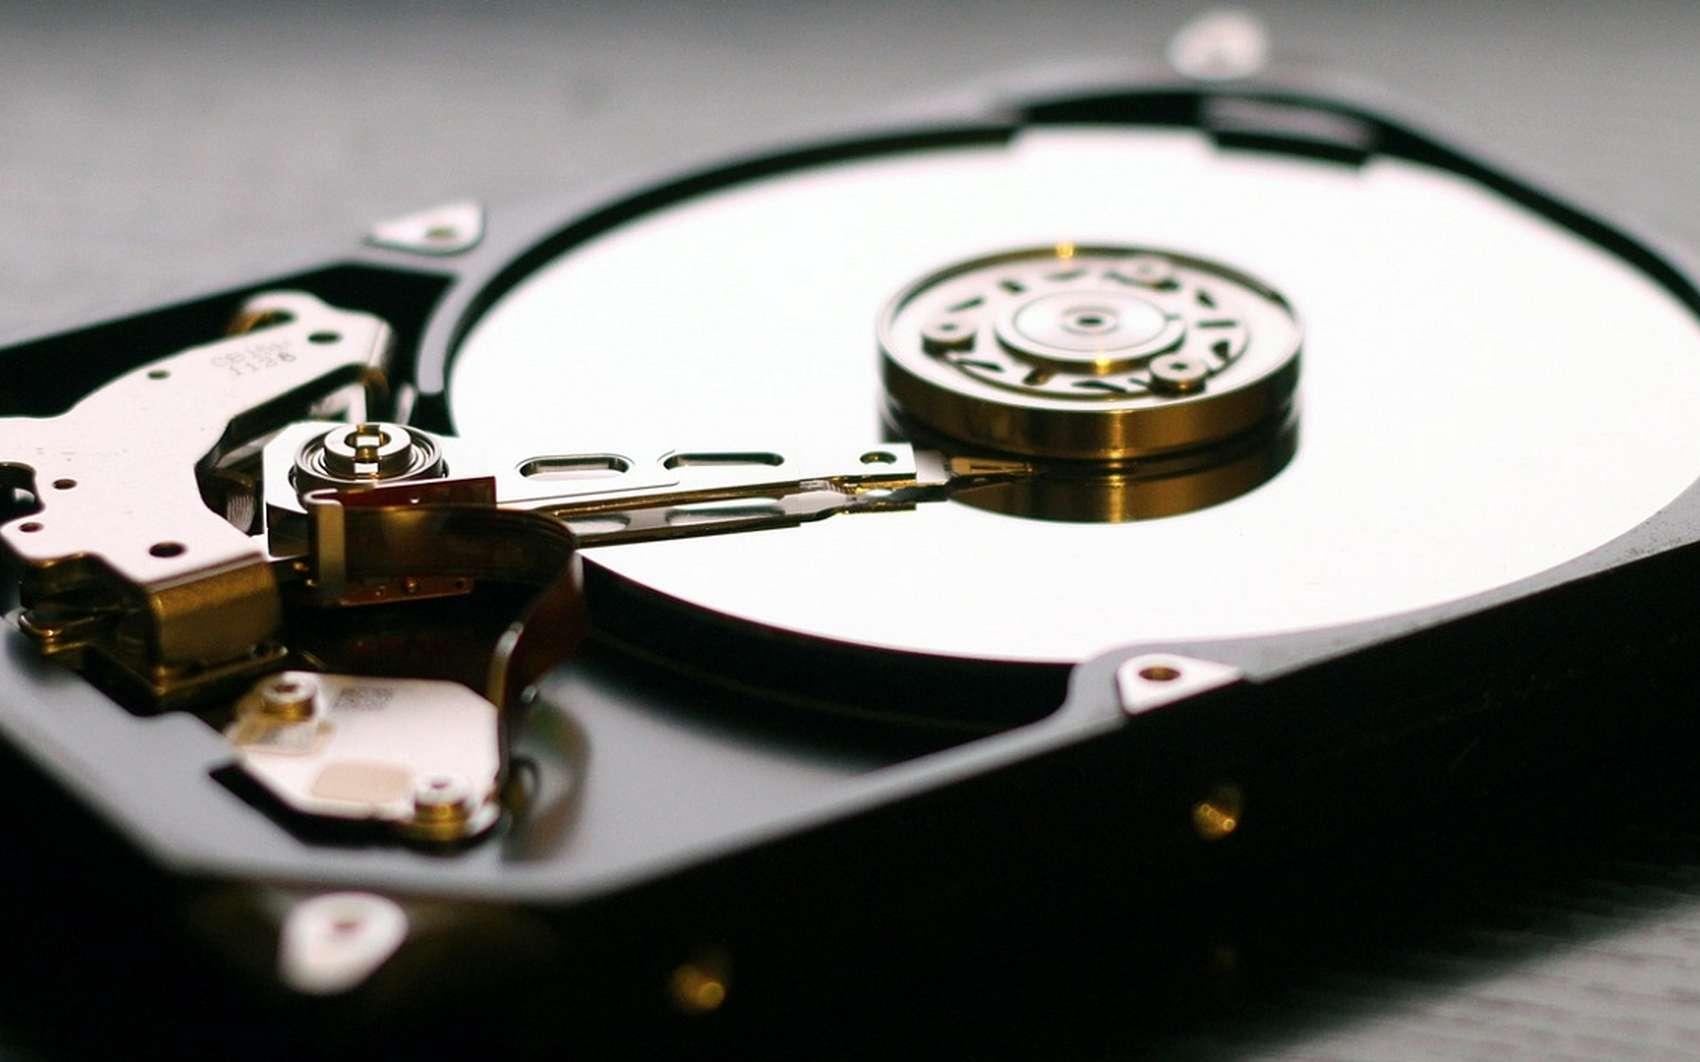 On peut partitionner des périphériques de stockage comme les disques HDD, les disques SSD et les clés USB. © Pixabay.com